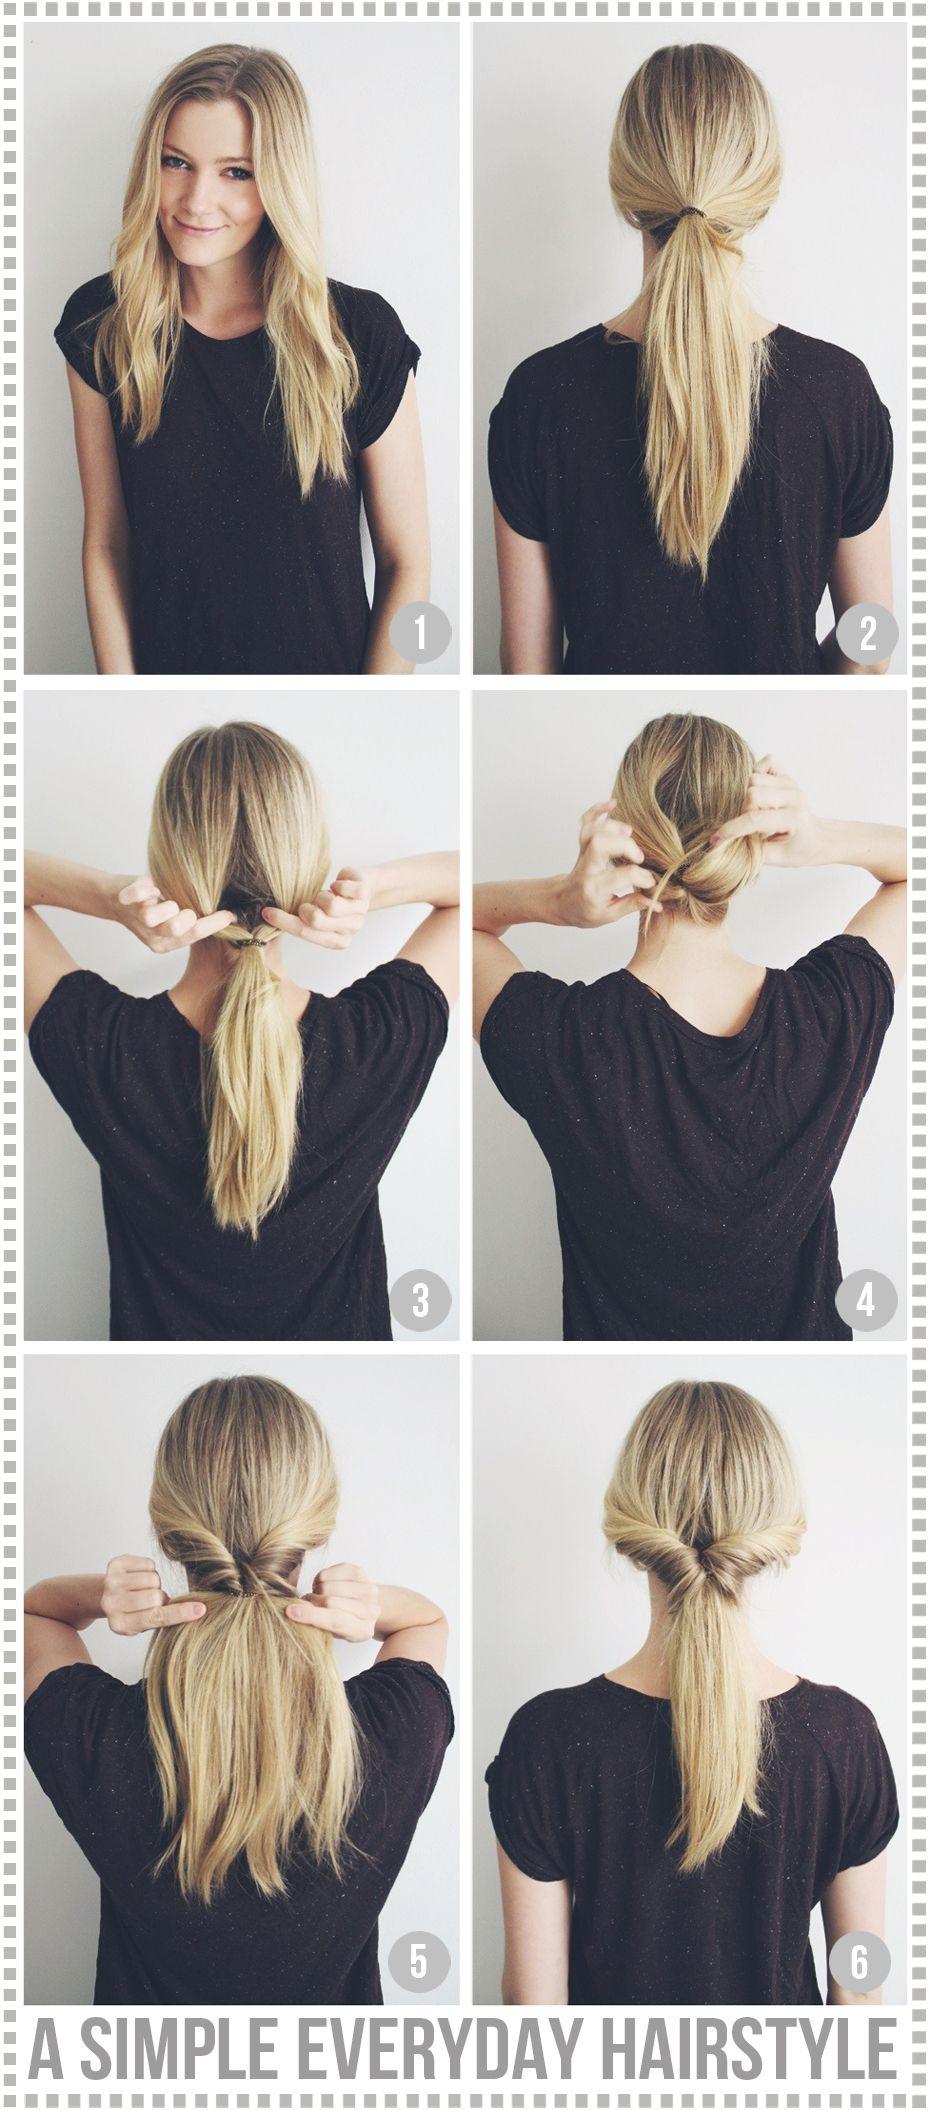 DIY Cupcake Holders | Simple everyday hairstyles, Everyday ...